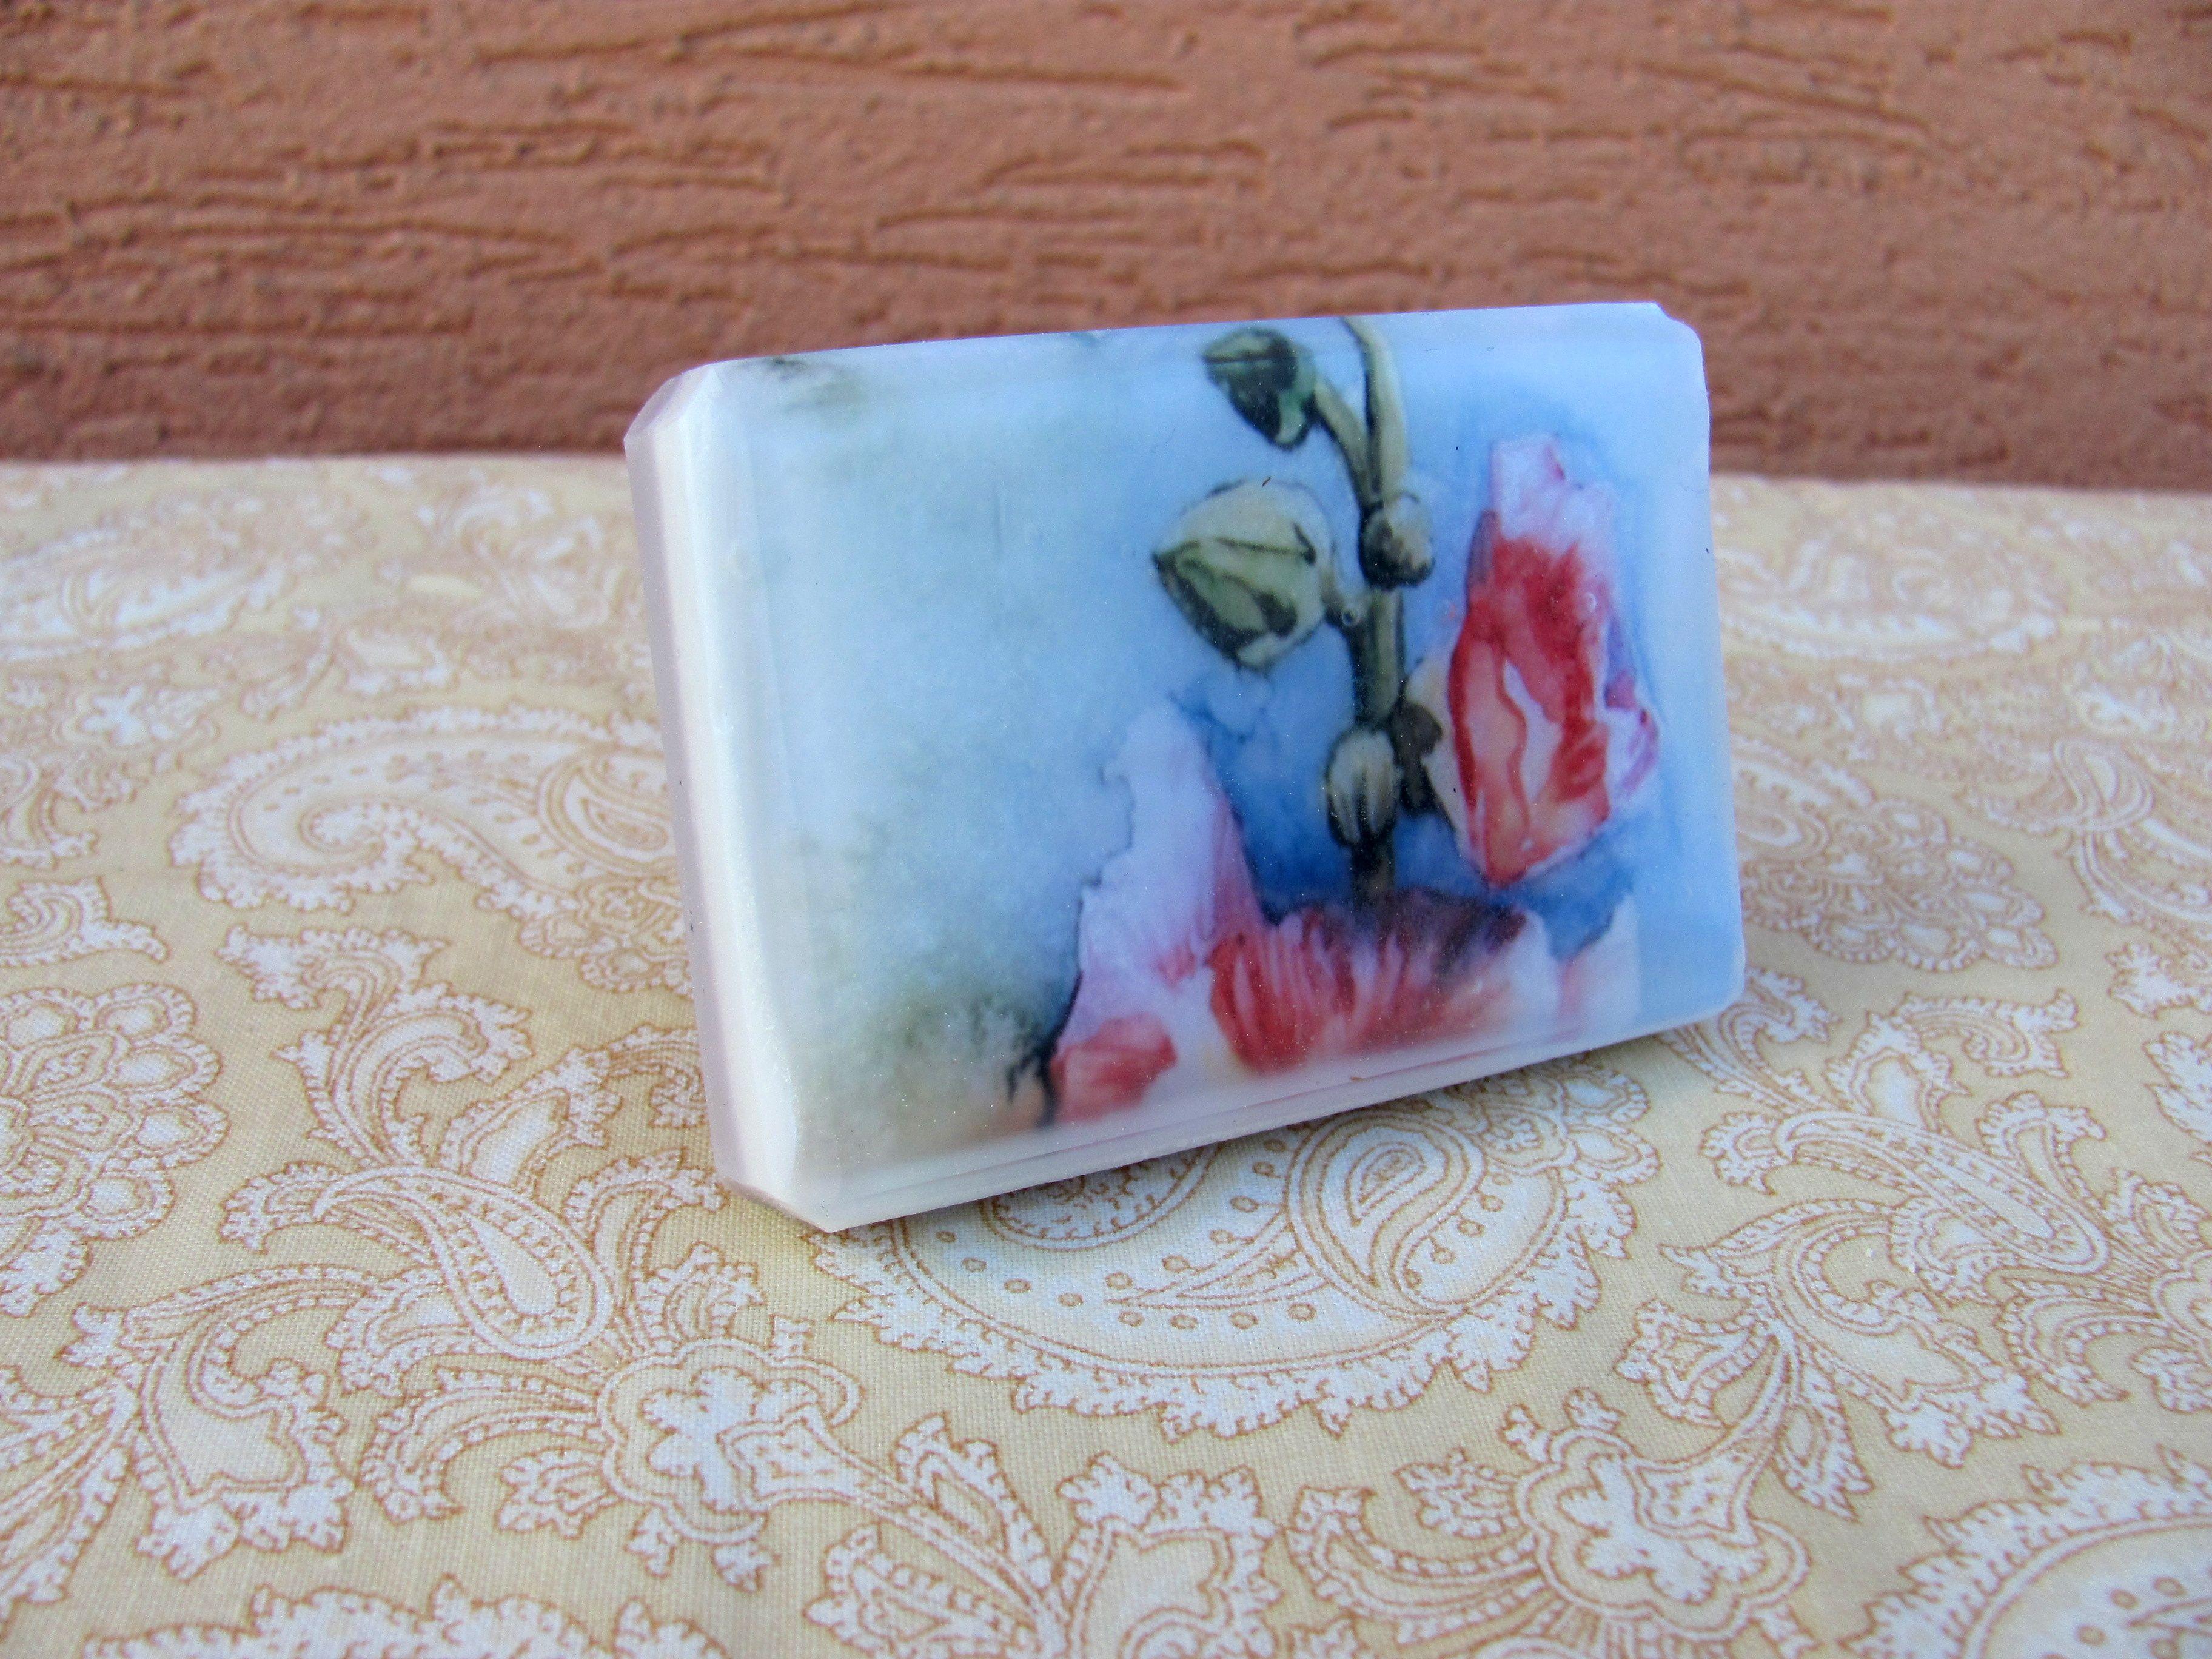 Glycerínové mýdlo s květinovou dekorací.